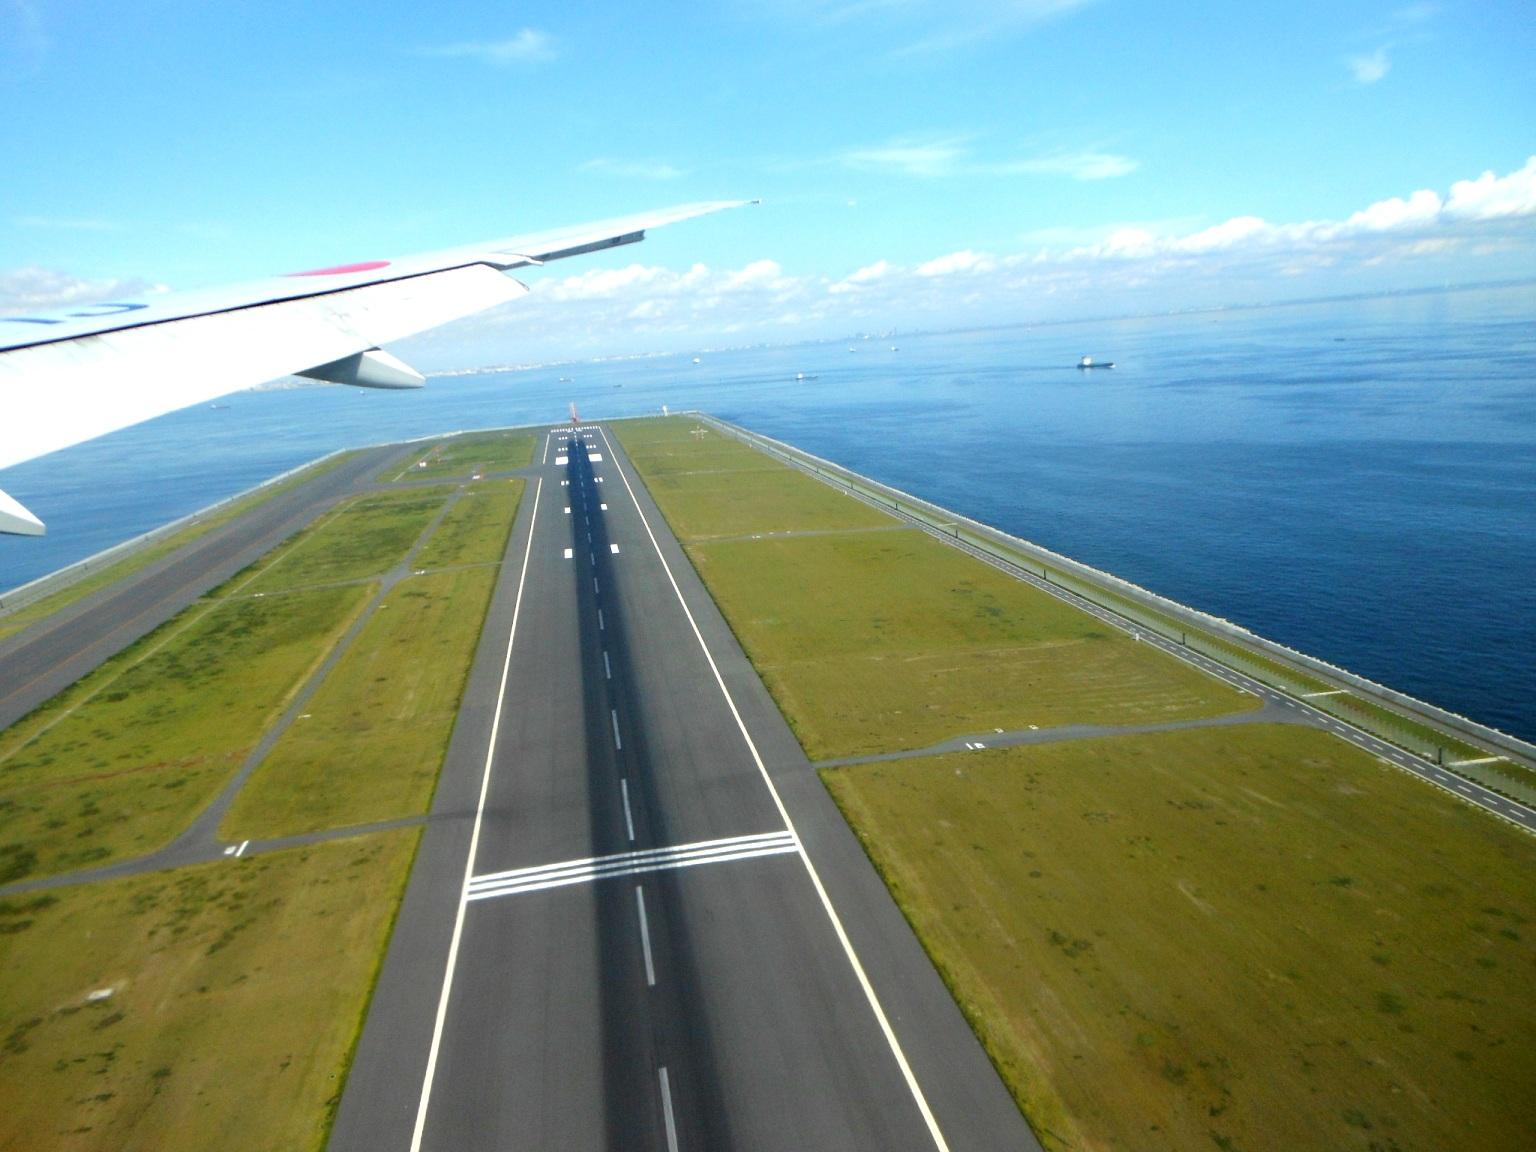 1823) ①「金沢3泊4日旅行 『飛行機からの眺め』」_f0126829_94665.jpg